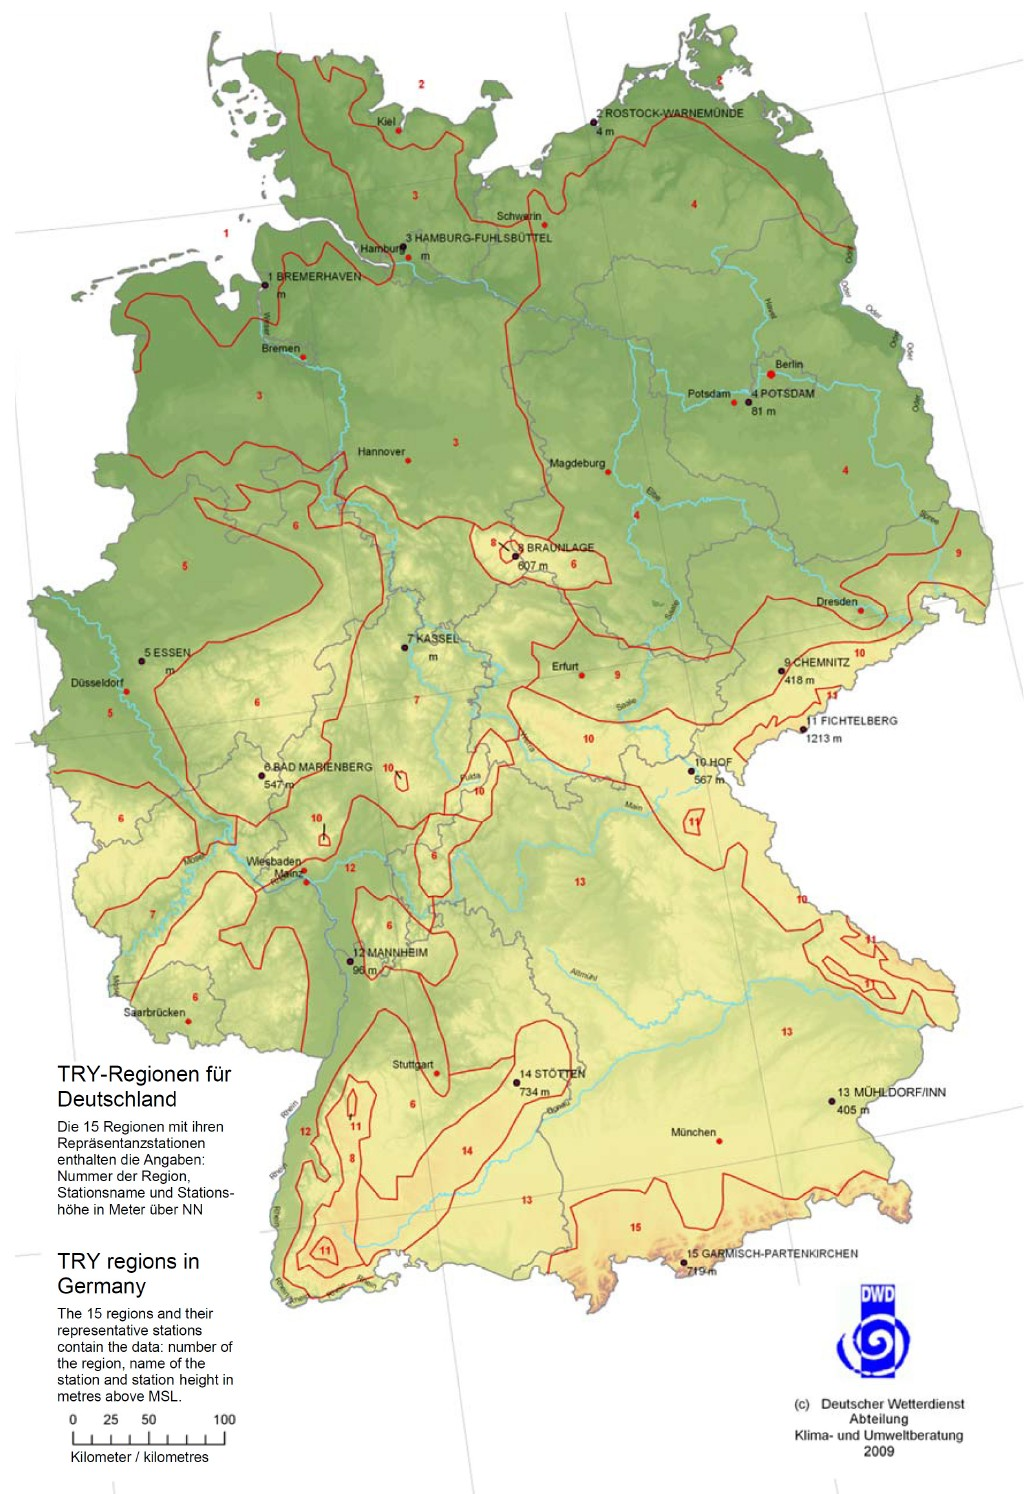 Einteilung der Bundesrepublik Deutschland in 15 Klimazonen für die Belange der Heiz- und Raumlufttechnik (Zonenkarte). Bild: VDI 4710–3 (2011)